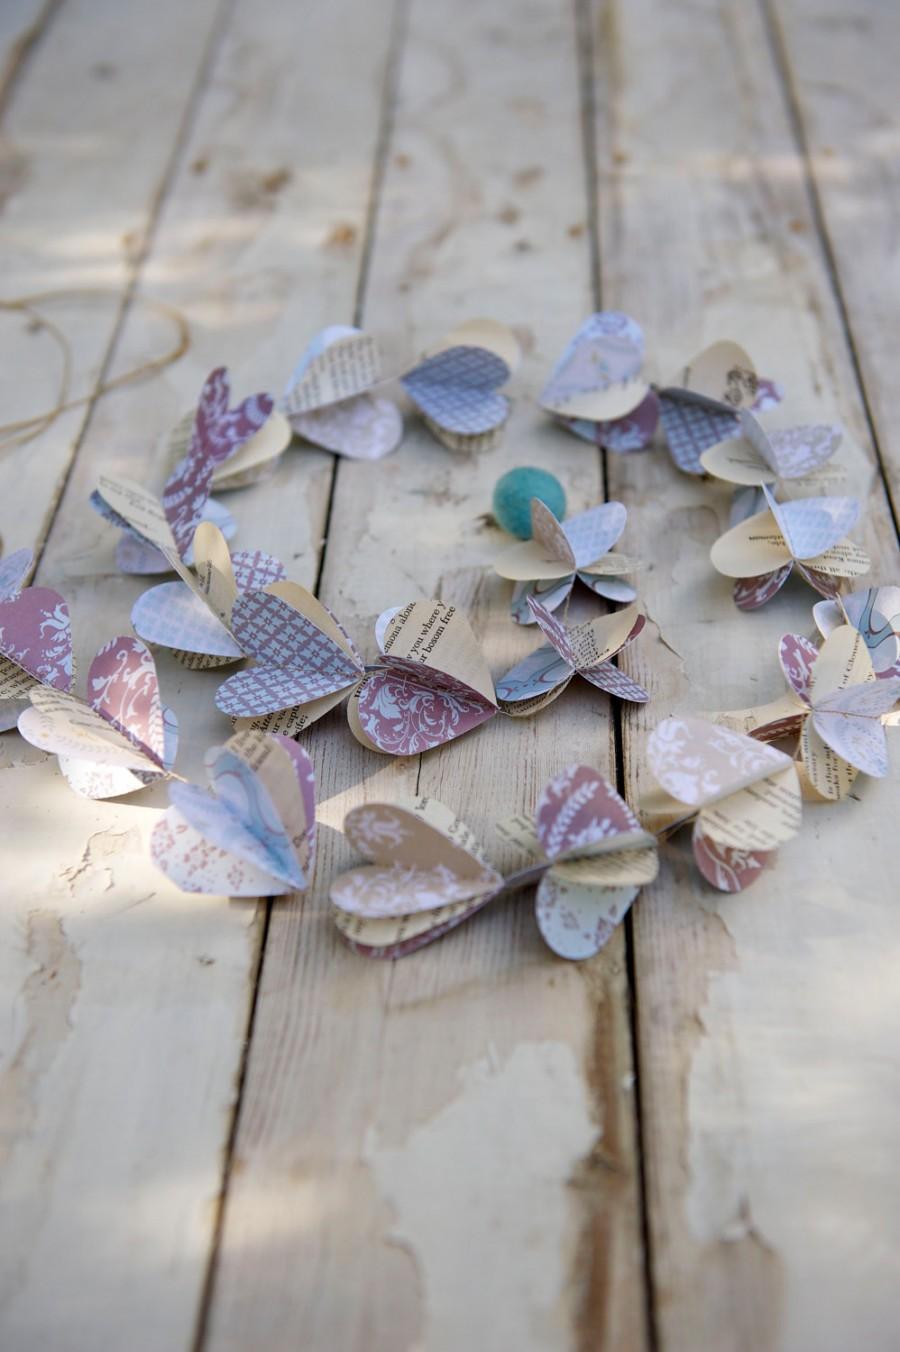 Hochzeit - Winter wedding garland, Winter Wonderland, Winter garland, ice blue, icy blue, dusty blue, rustic wedding, paper garland, heart garland